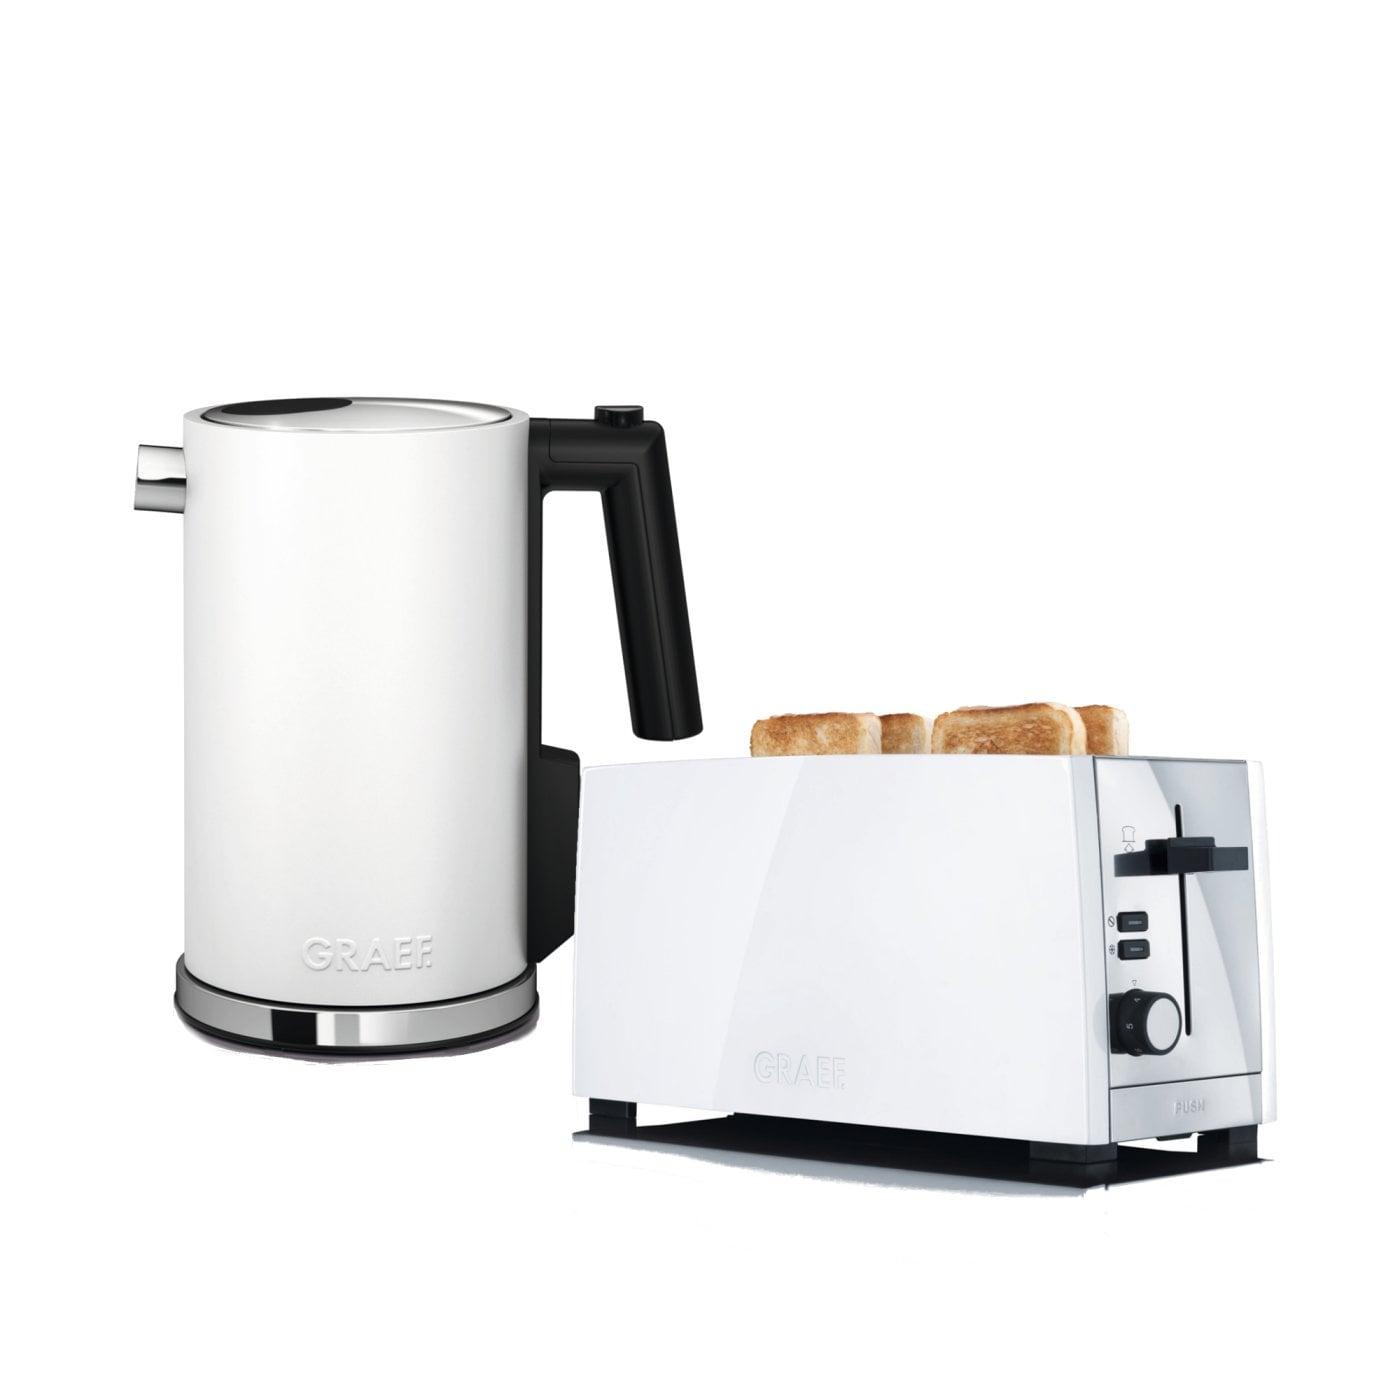 set wasserkocher toaster wk901eu und to101eu graef. Black Bedroom Furniture Sets. Home Design Ideas